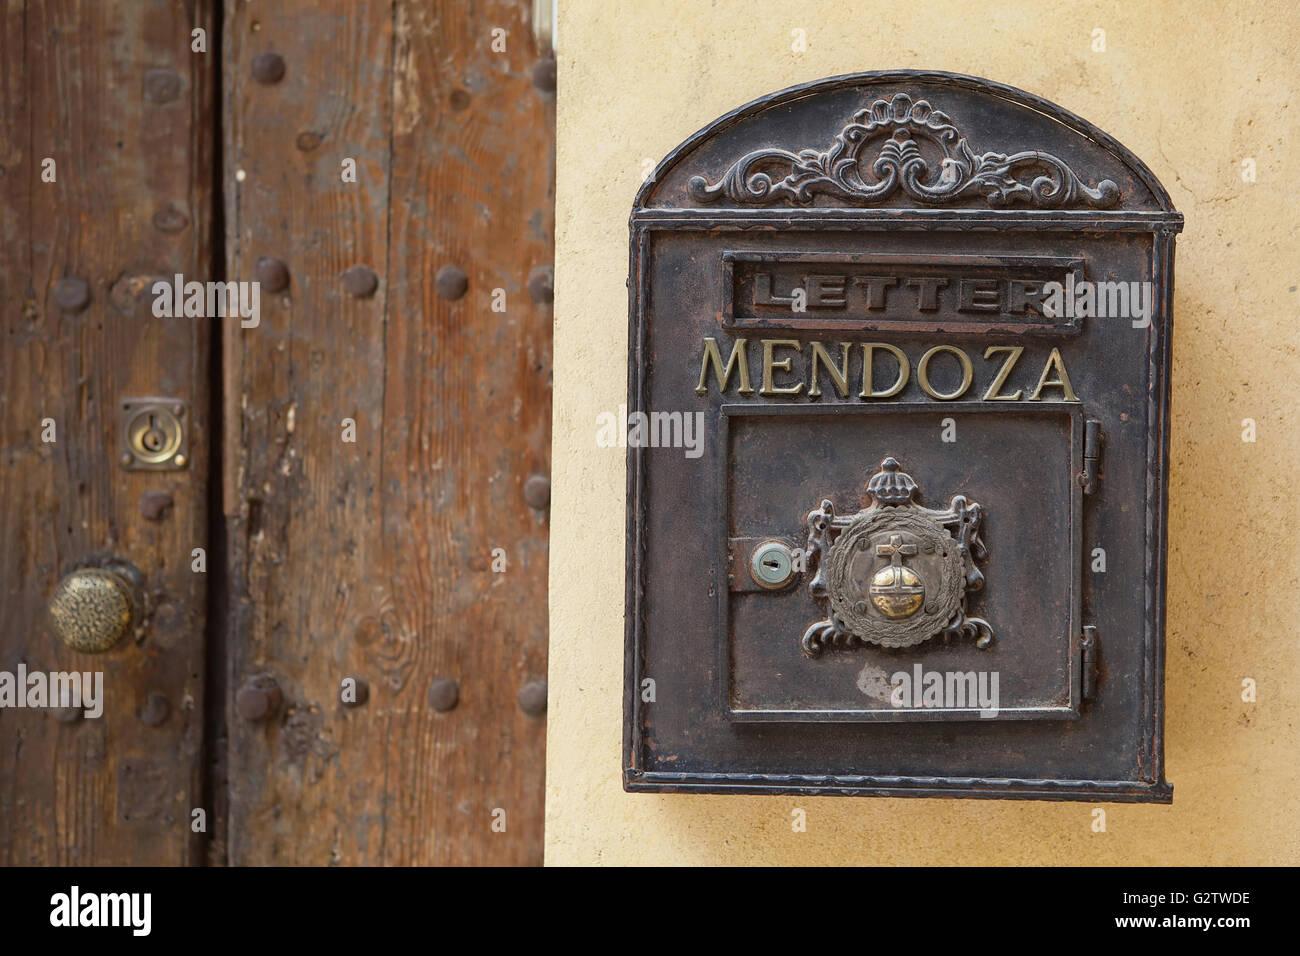 España, Andalucía, Sevilla, Letterbox en el patio de la iglesia Colegial del Divino Salvador. Imagen De Stock